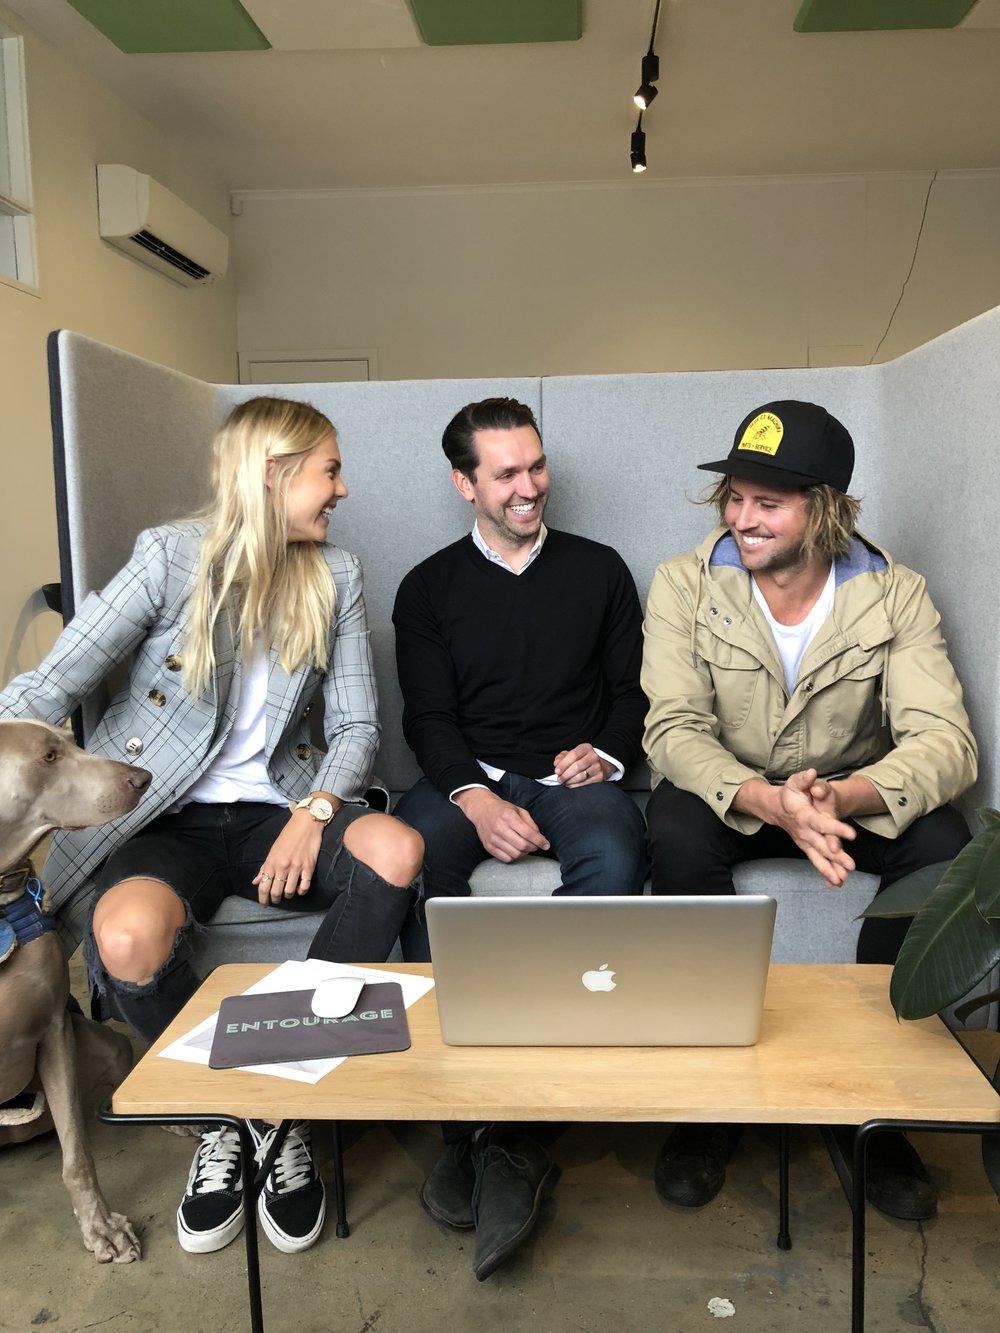 Entourage Elyse and Josh 2018 1.jpg